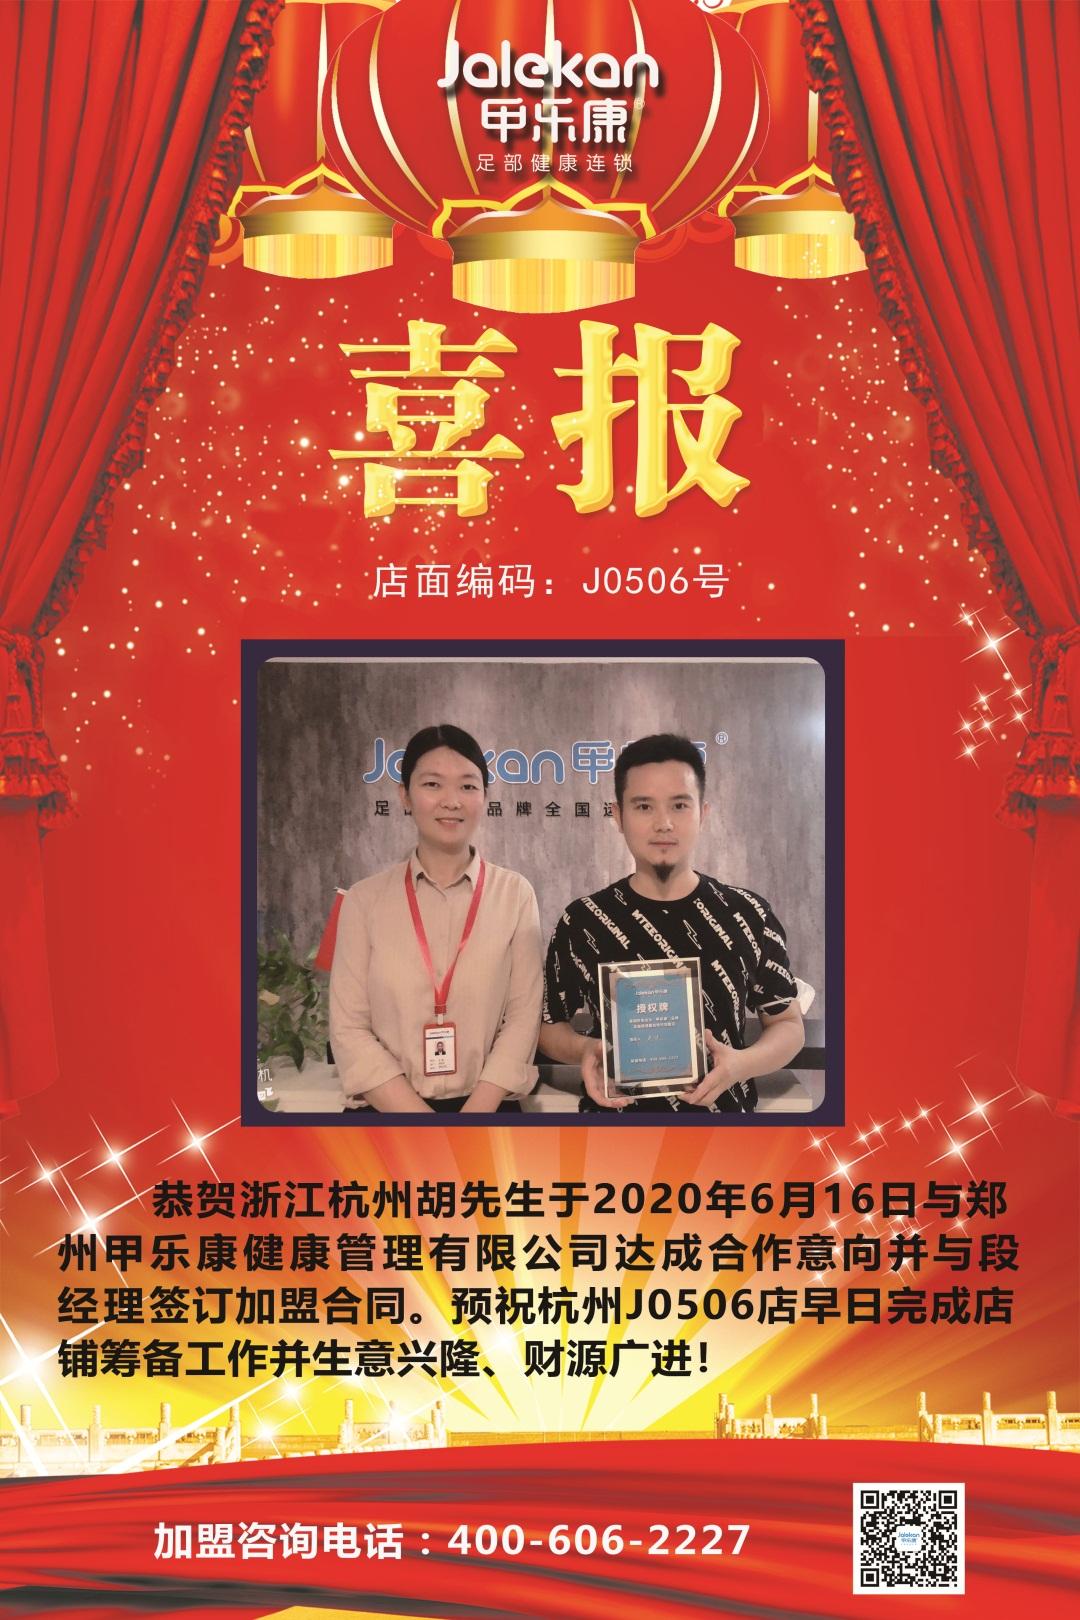 2020-6-16浙江杭州胡先生